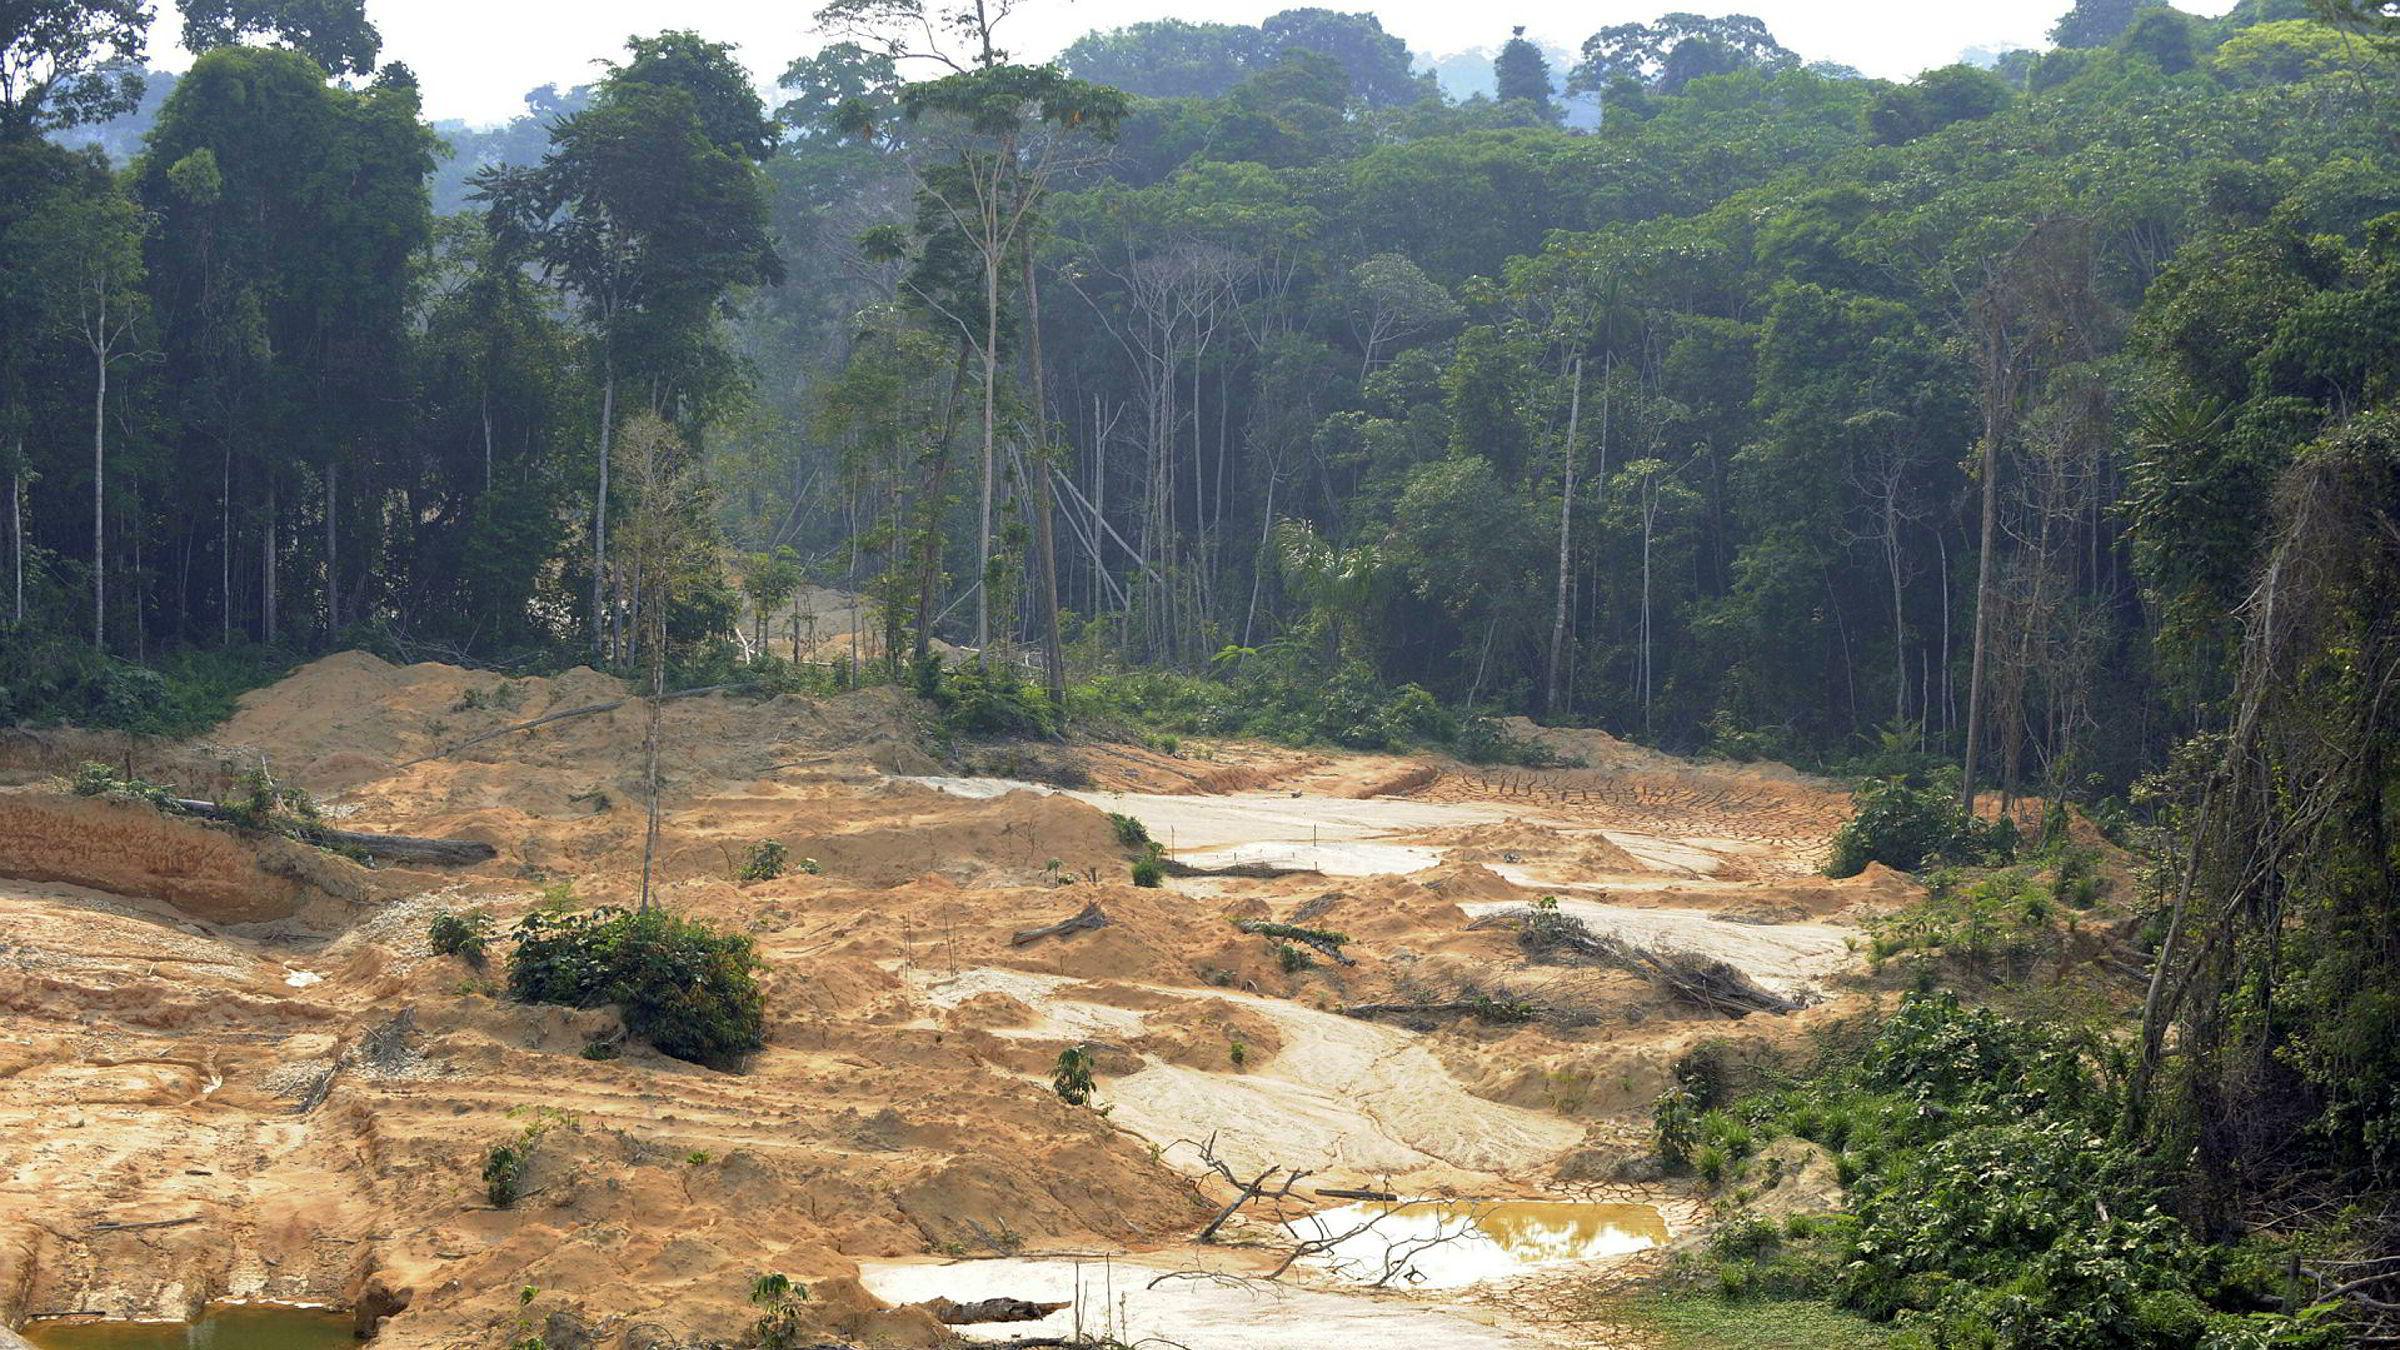 Økt bruk av biodrivstoff kan bli katastrofalt for regnskogen hvis man ikke unngår bruk av palmeolje, viser ny rapport.